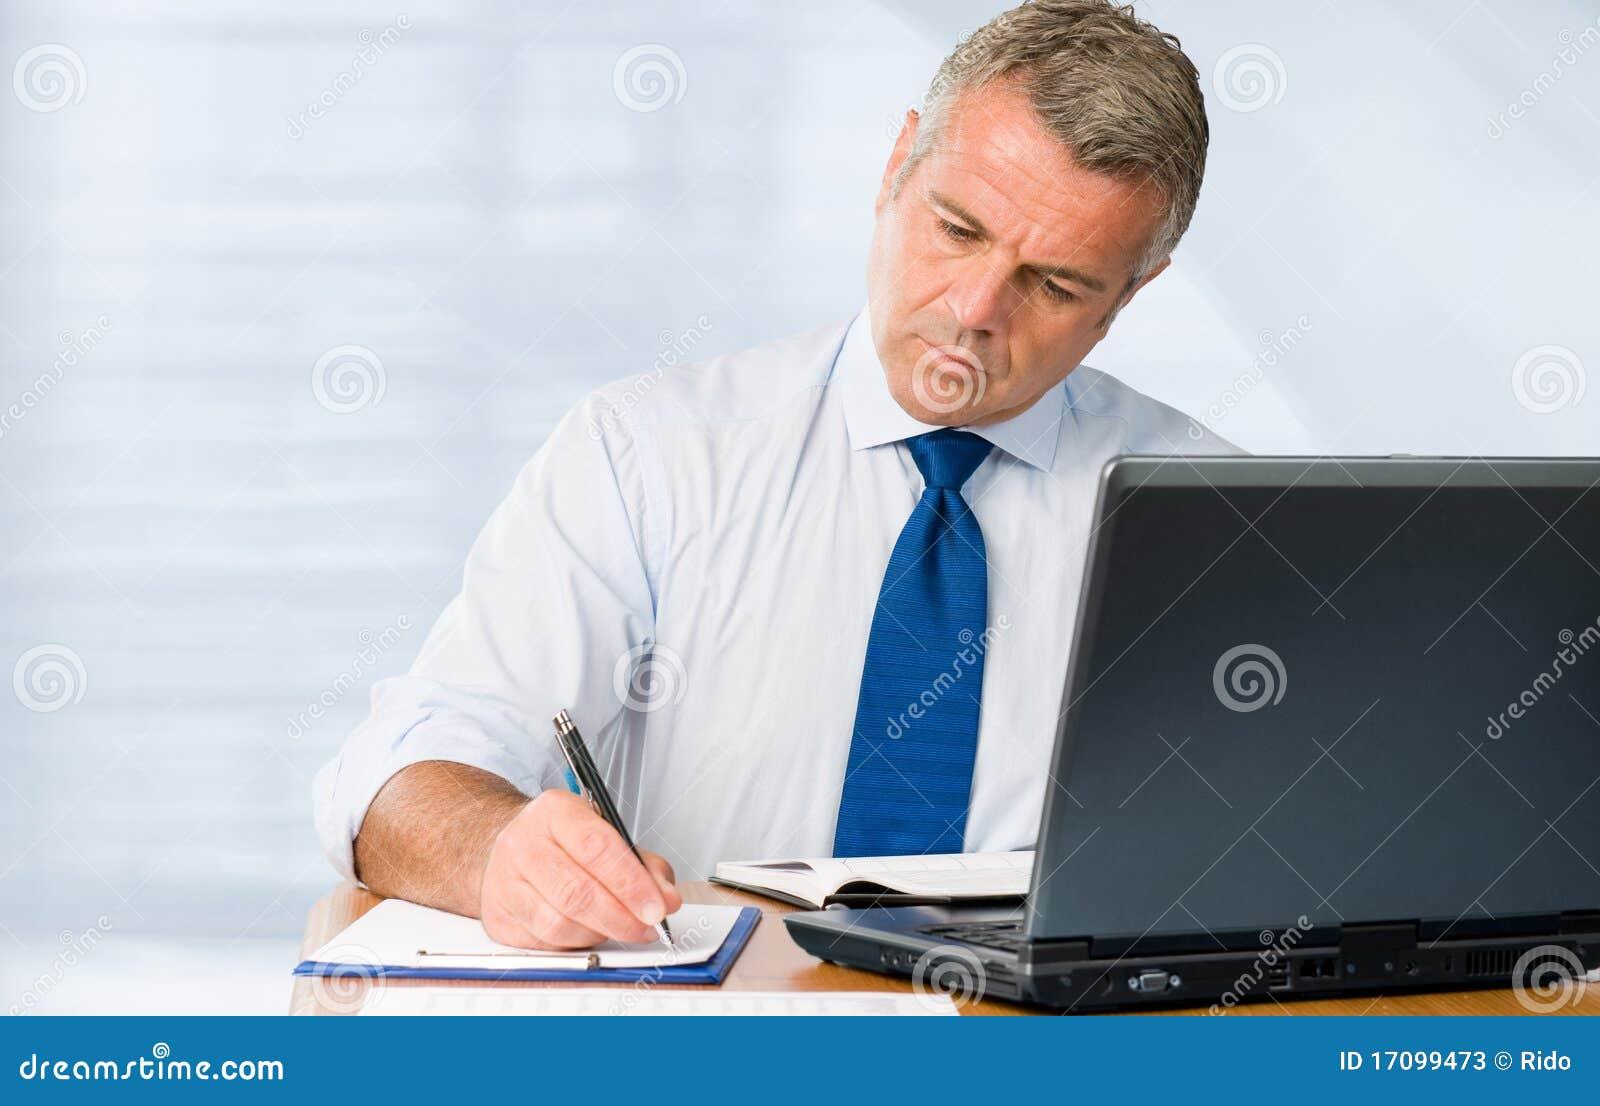 Fälliger Geschäftsmann, der im Büro arbeitet